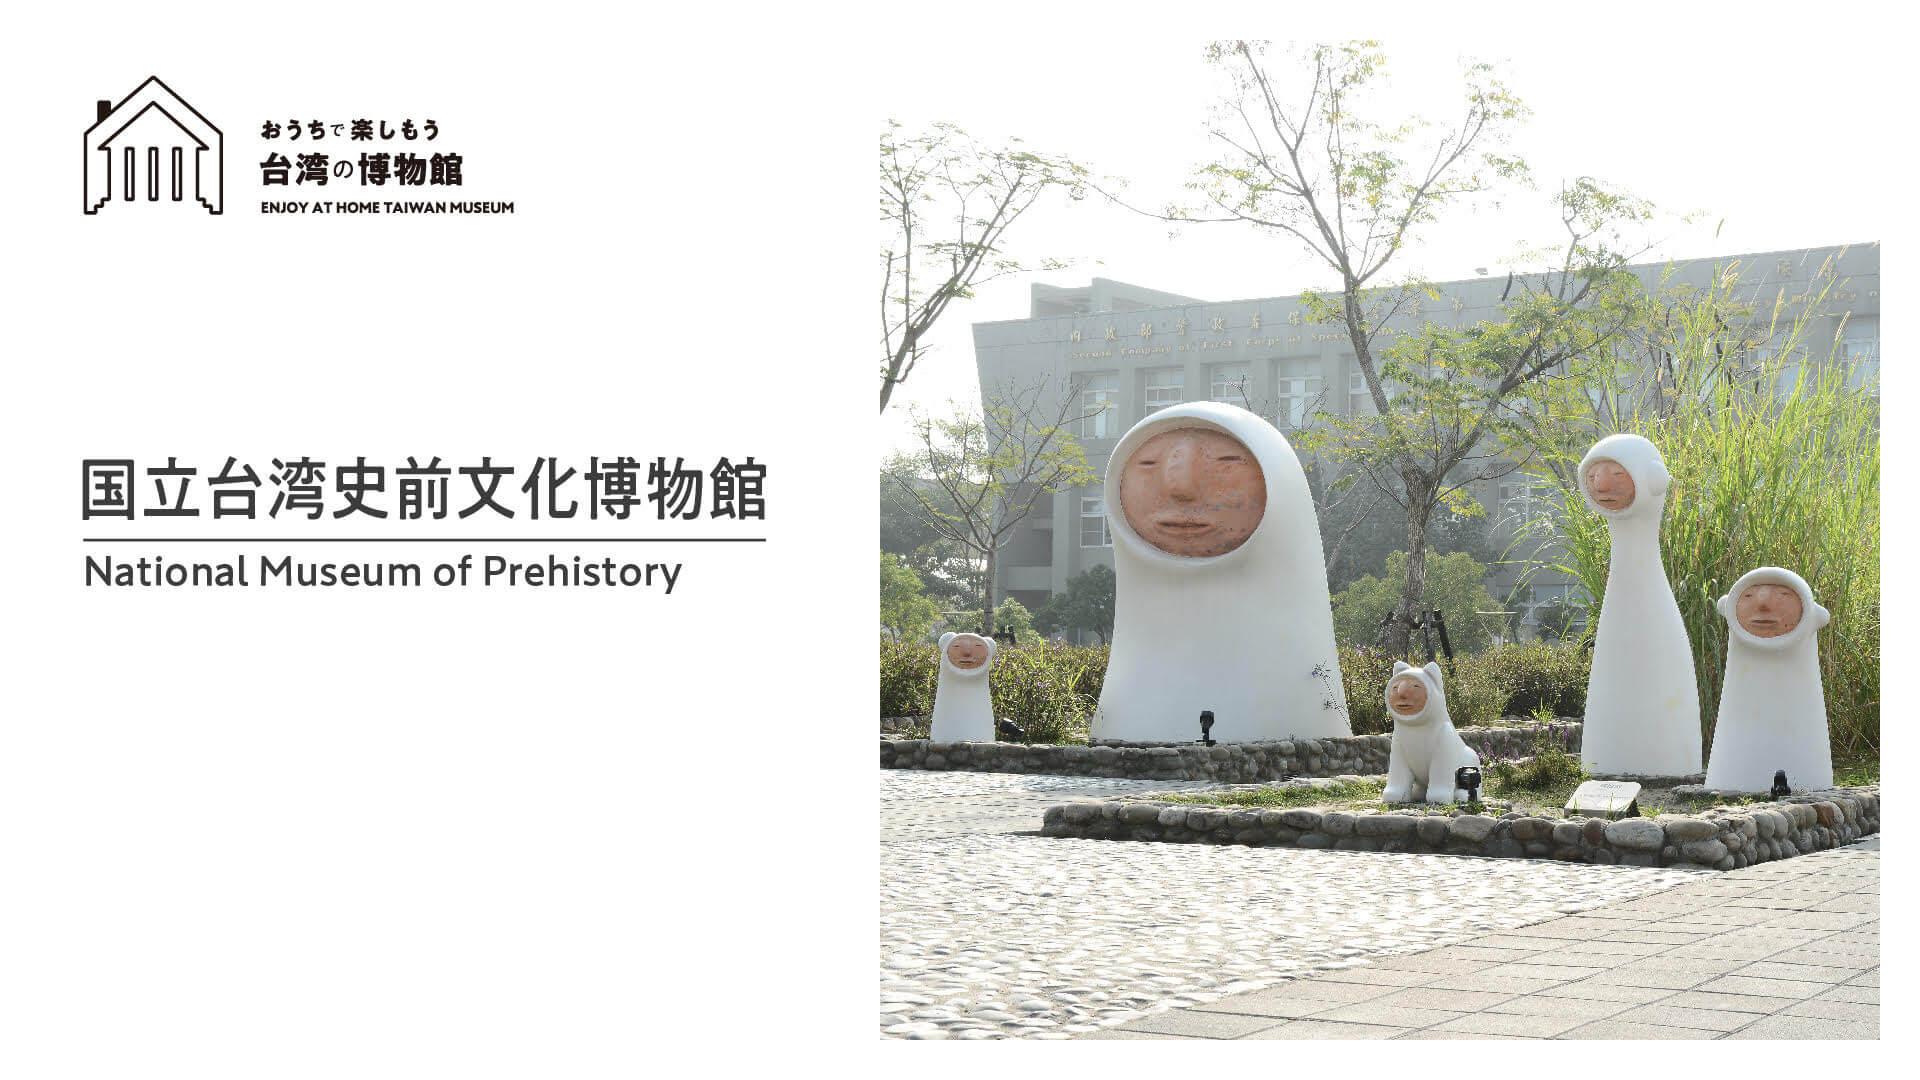 SNET台湾チャンネル『おうちで楽しもう台湾の博物館』第5回 国立台湾史前文化博物館 配信